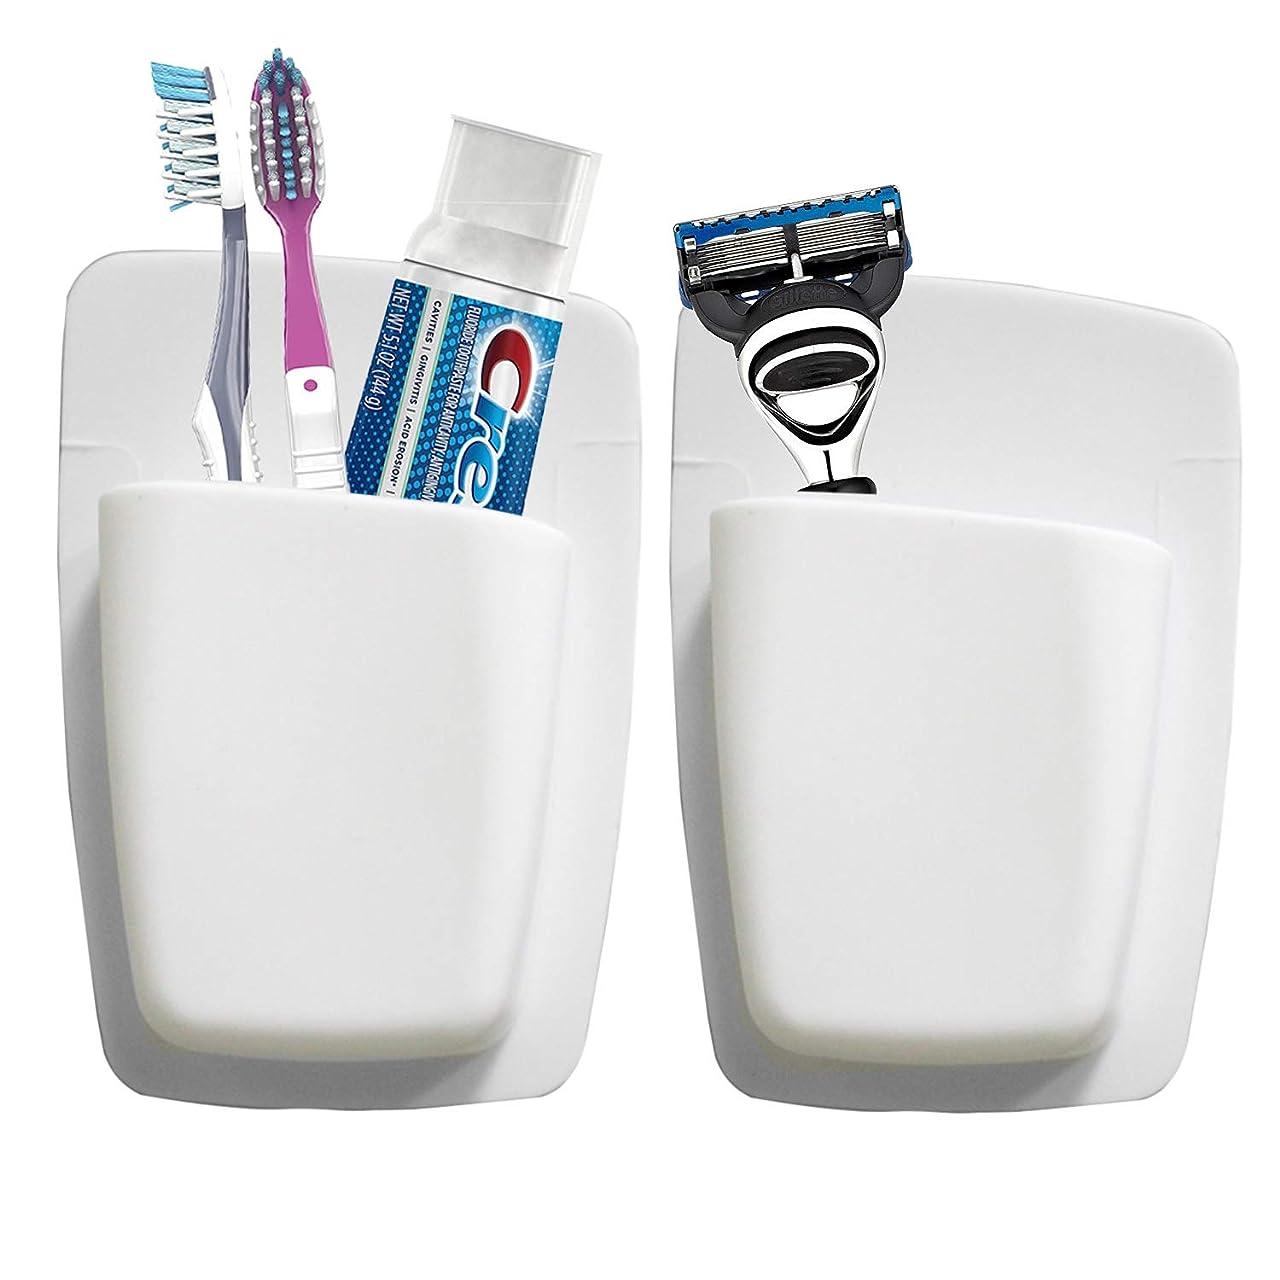 乳白バック必要条件Qualsen 歯ブラシスタンド 歯ブラシホルダー 小物ホルダー 小物入れ 新発想 高品質シリコン素材 耐久性 ツルツルした面に適用 (2個セット, ホワイト)